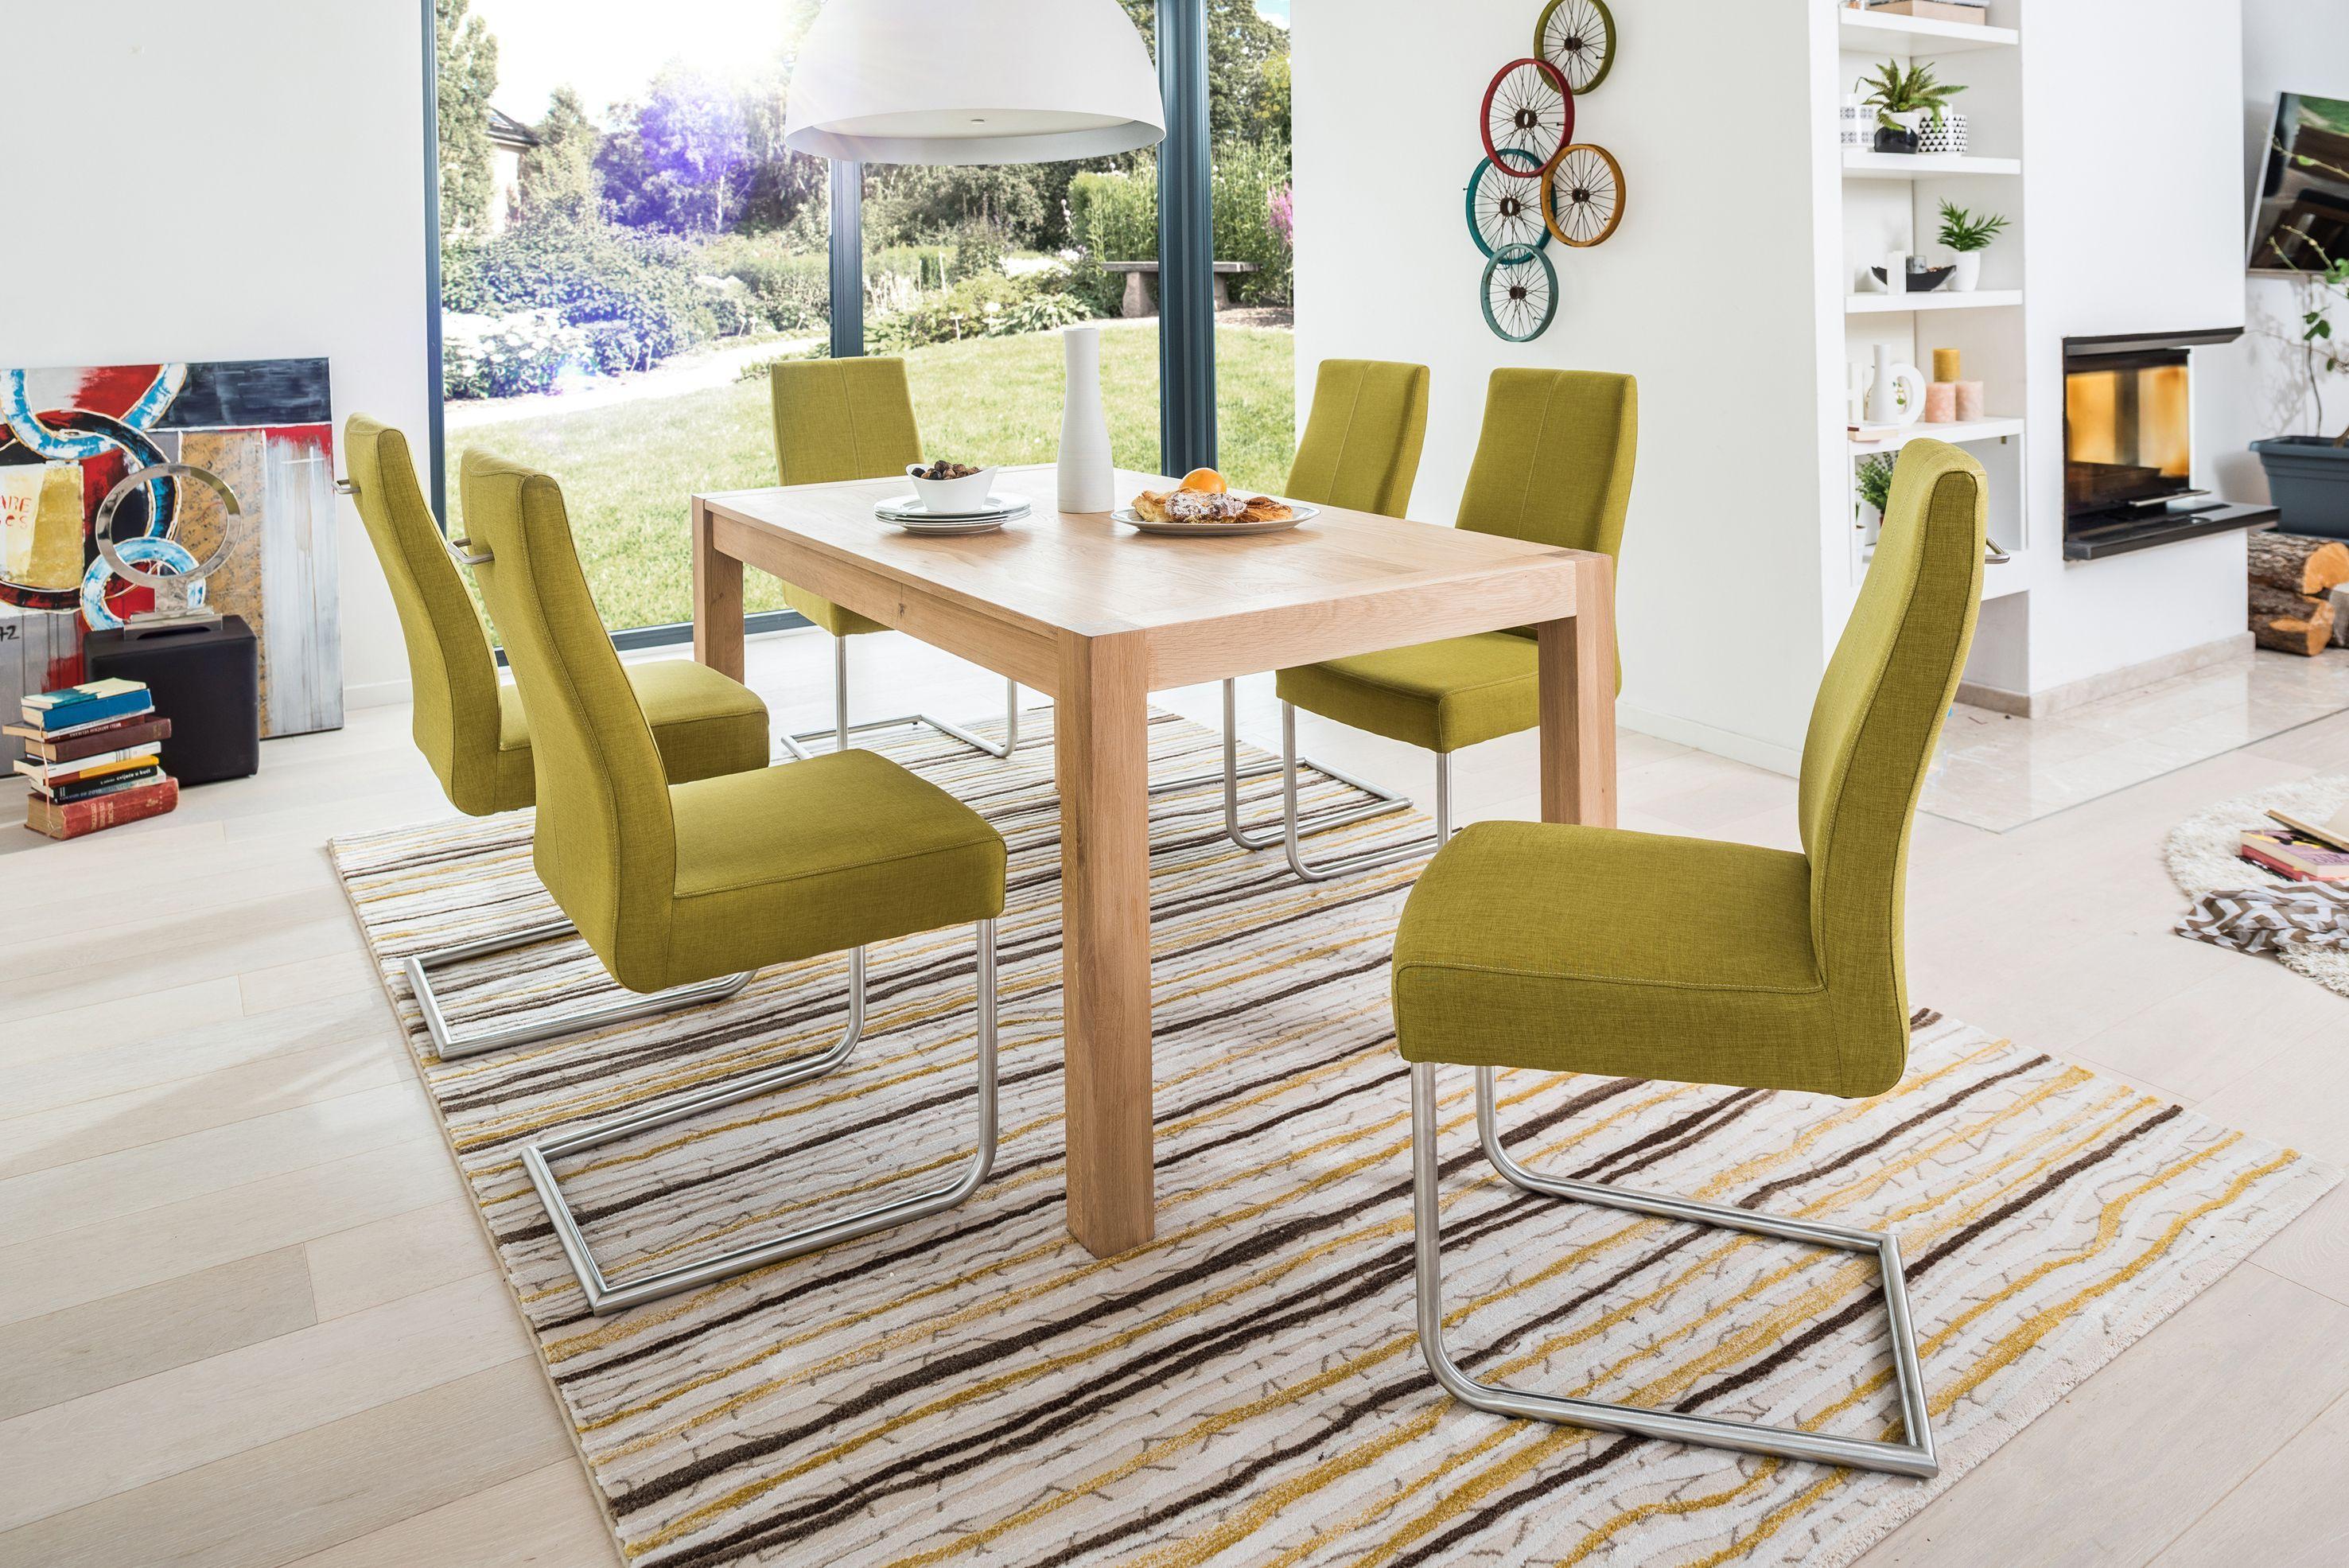 Esstischgruppe Mit Tisch 160 (295) X 90 Eiche Bianco Und 6 Freischwinger  Webstoff Lemon Woody 114 00348 Holz Modern Jetzt Bestellen Unter: ...